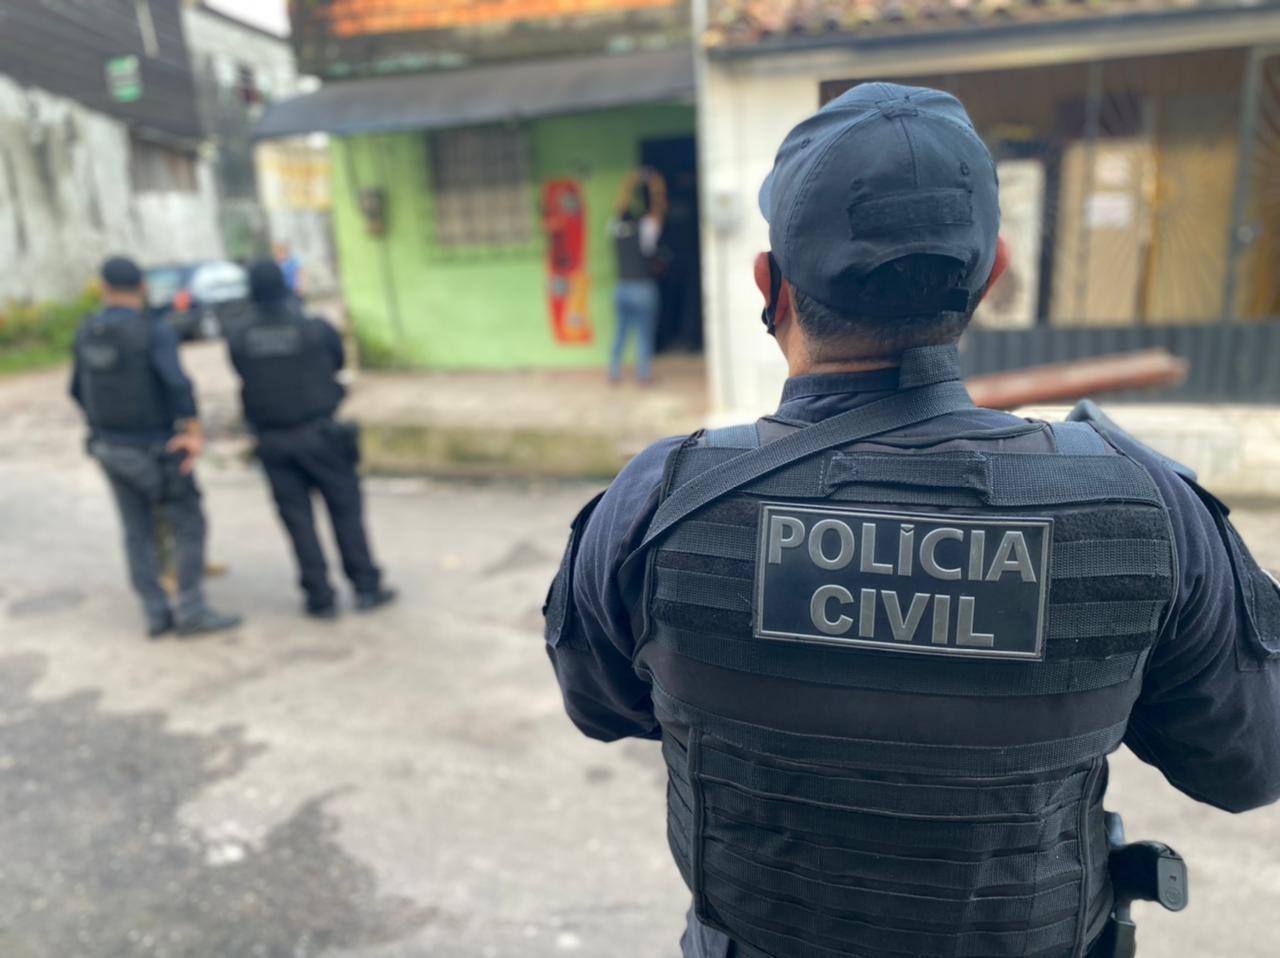 Polícia Civil prende integrante de organização criminosa responsável por crimes contra agentes na Grande Belém em SC